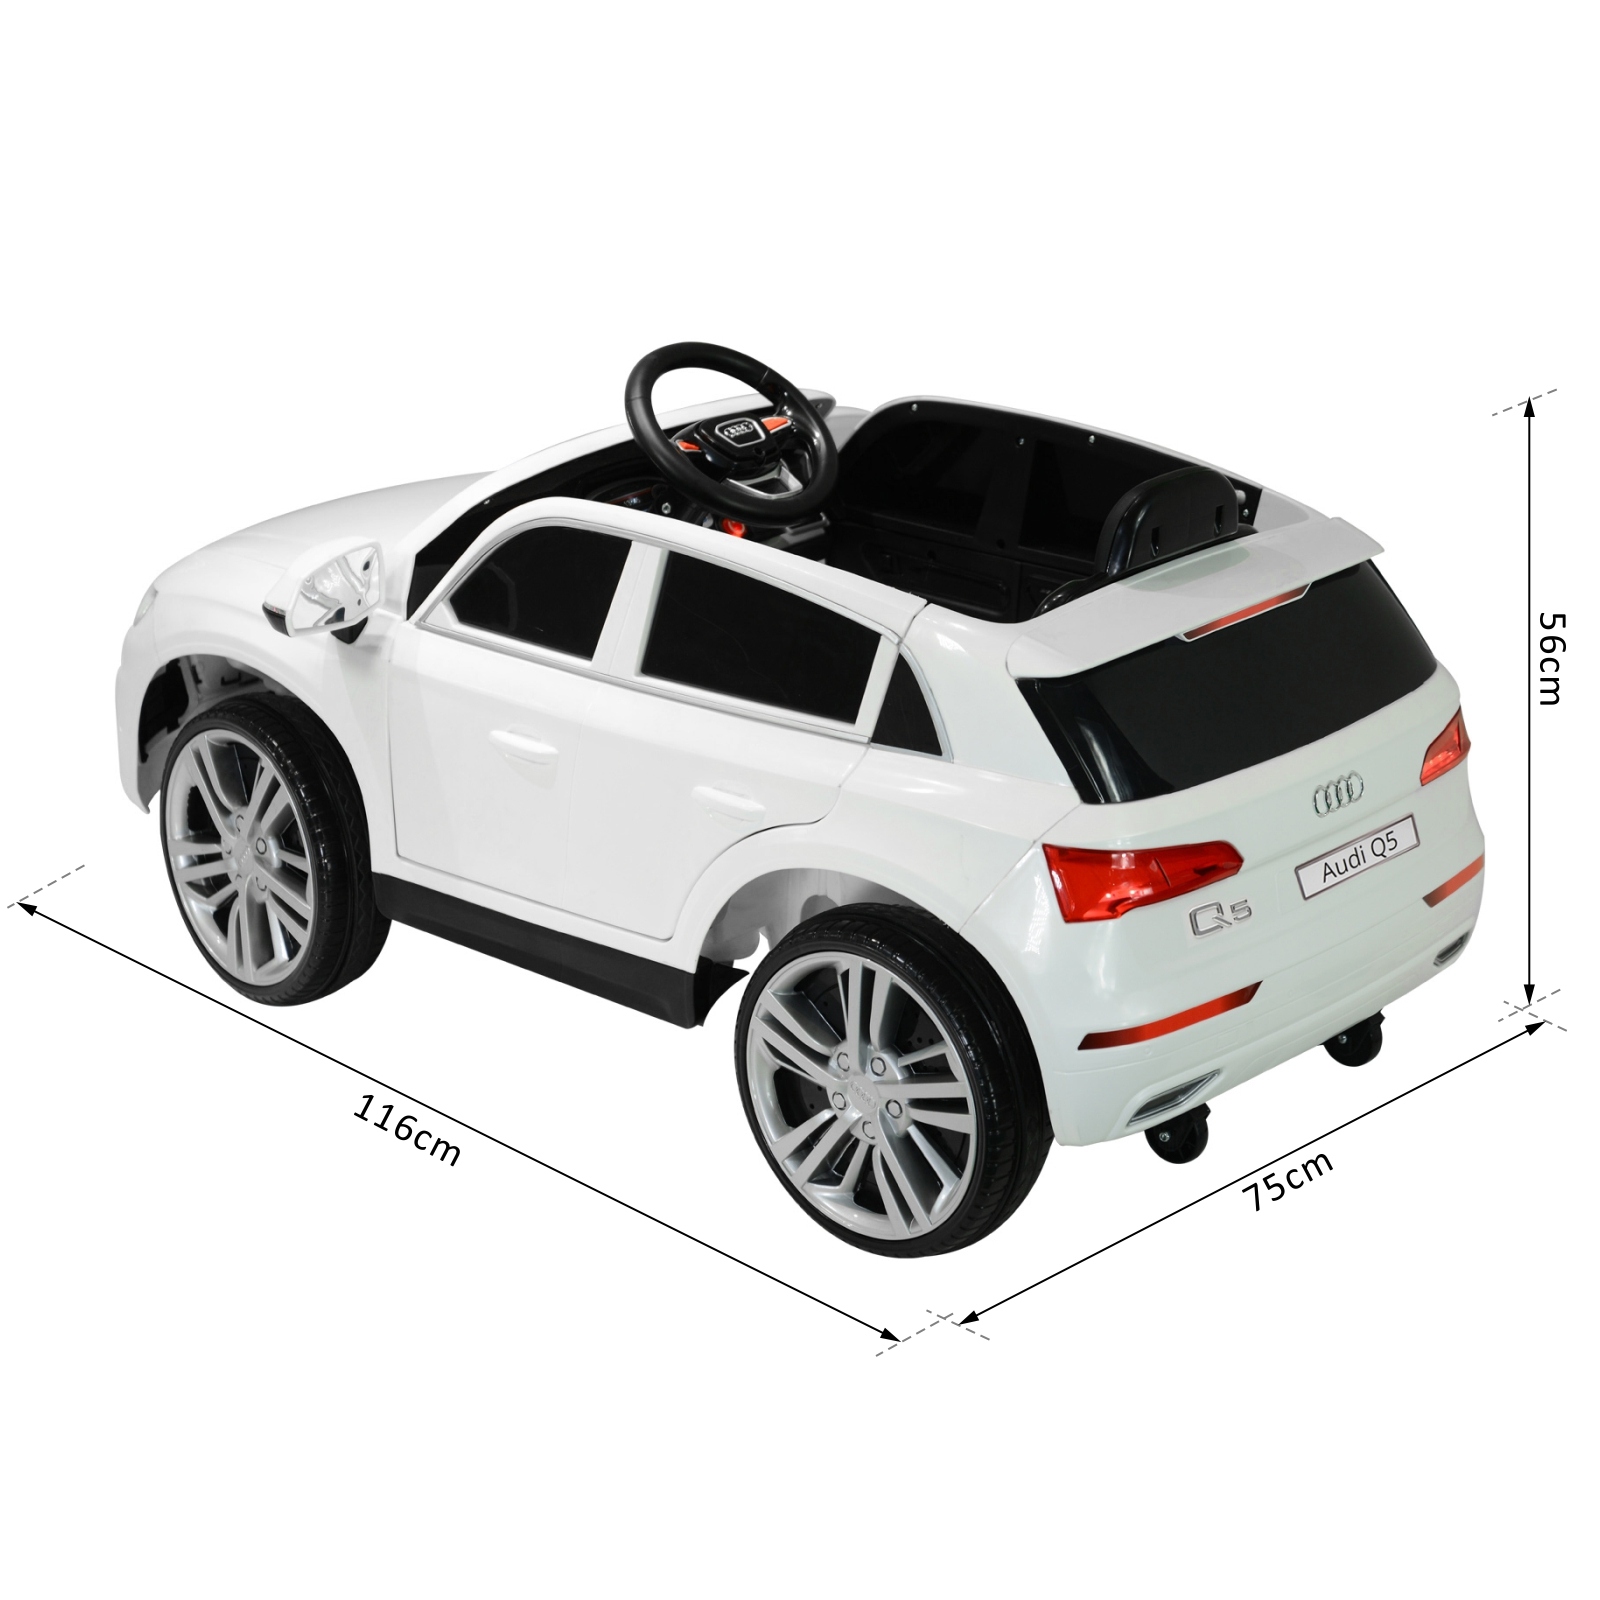 Kinderauto Audi Q5 Elektroauto Elektroauto Elektroauto Kinderfahrzeug mit Fernbedienung Kinder 2 Farben d318a0